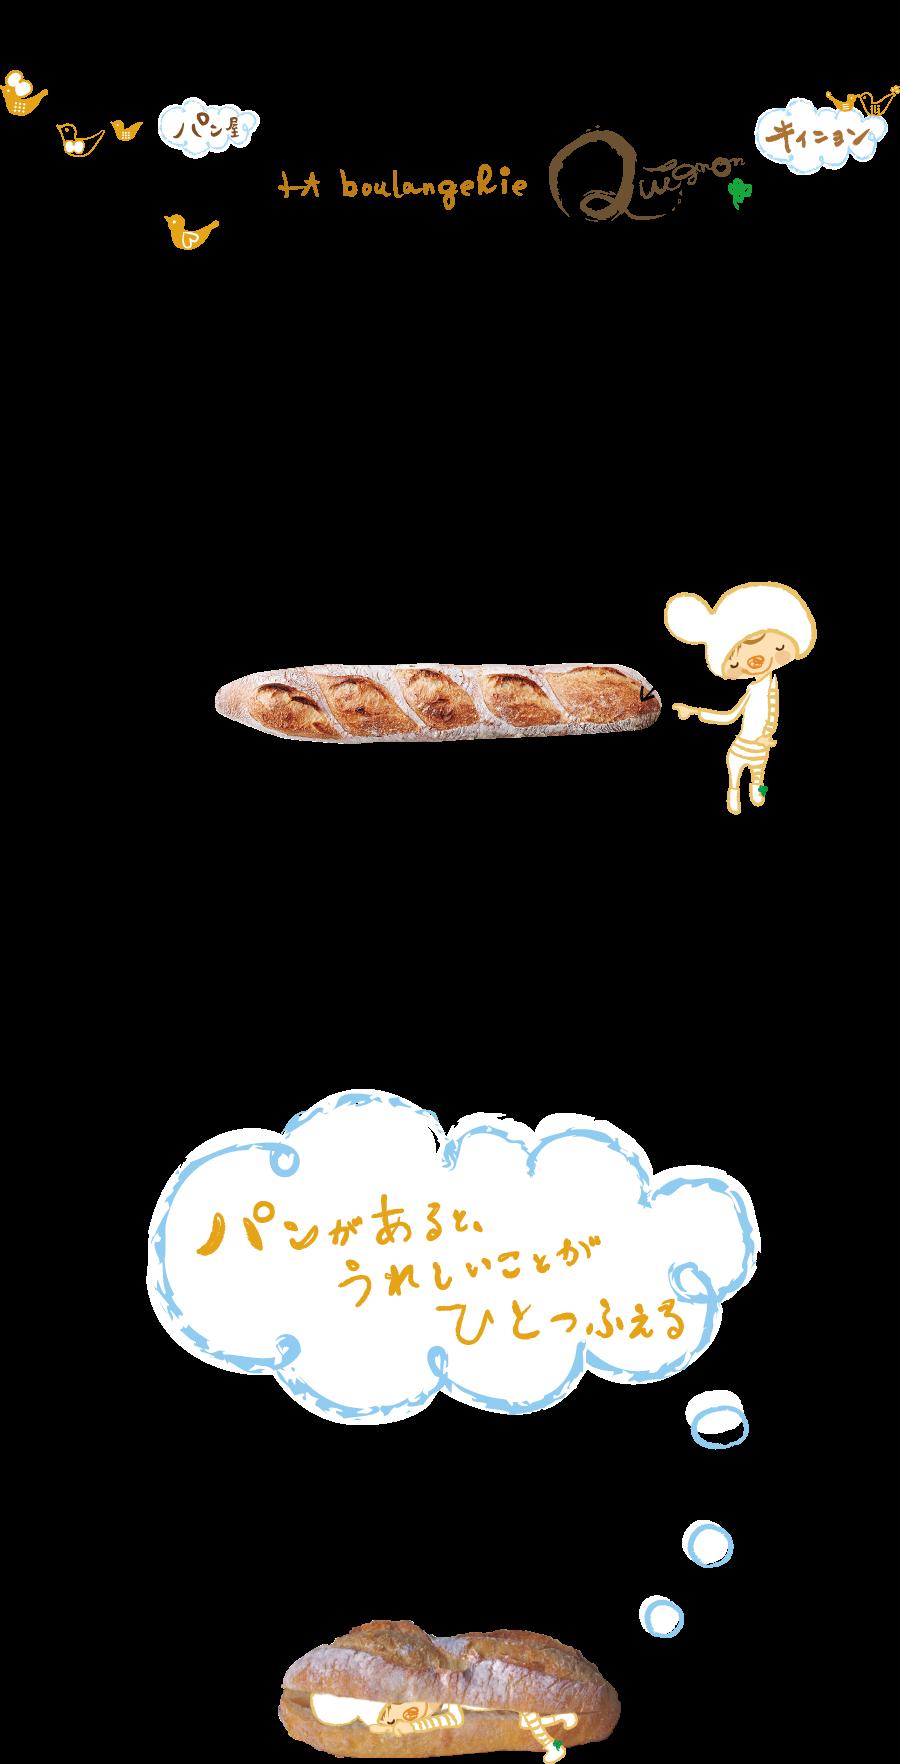 「ラ ブランジュリ」は、フランス語で「パン屋さん」。「キィニョン」はフランス語で、1.パンのはじっこ 2.パンのよく焼けた部分 3.パンのひとかけら、という意味。パンのはじっこが大好きなシェフがつくる焼き込んだパンは粉の香り、甘みがあるパンになる。そんなパンを食べる分だけお客様に提供したい!という思いでお店の名前を決めました。キィニョンでは「パンがあると、うれしいことがひとつふえる」、そう信じて毎日パンやスコーンを焼いています。お客さまの生活のはじっこにより添えることを願いながら。